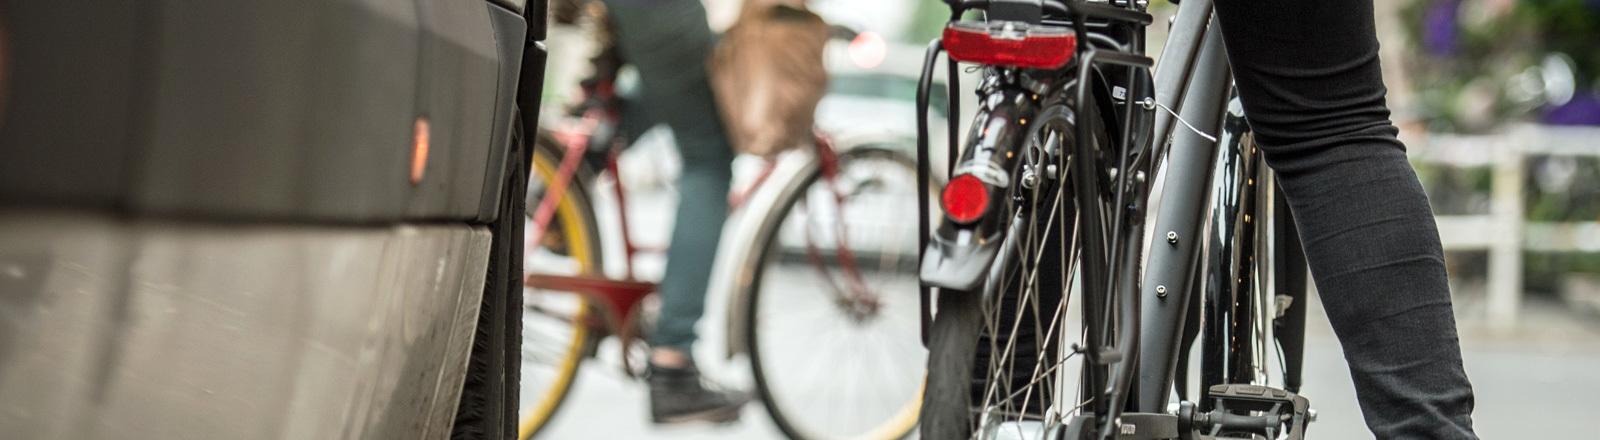 Die vordere rechte Seite eines Autos. Sehr nahe, rechts daneben steht ein Fahrradfahrer. Im Hintergrund fährt ein Fahrrad.